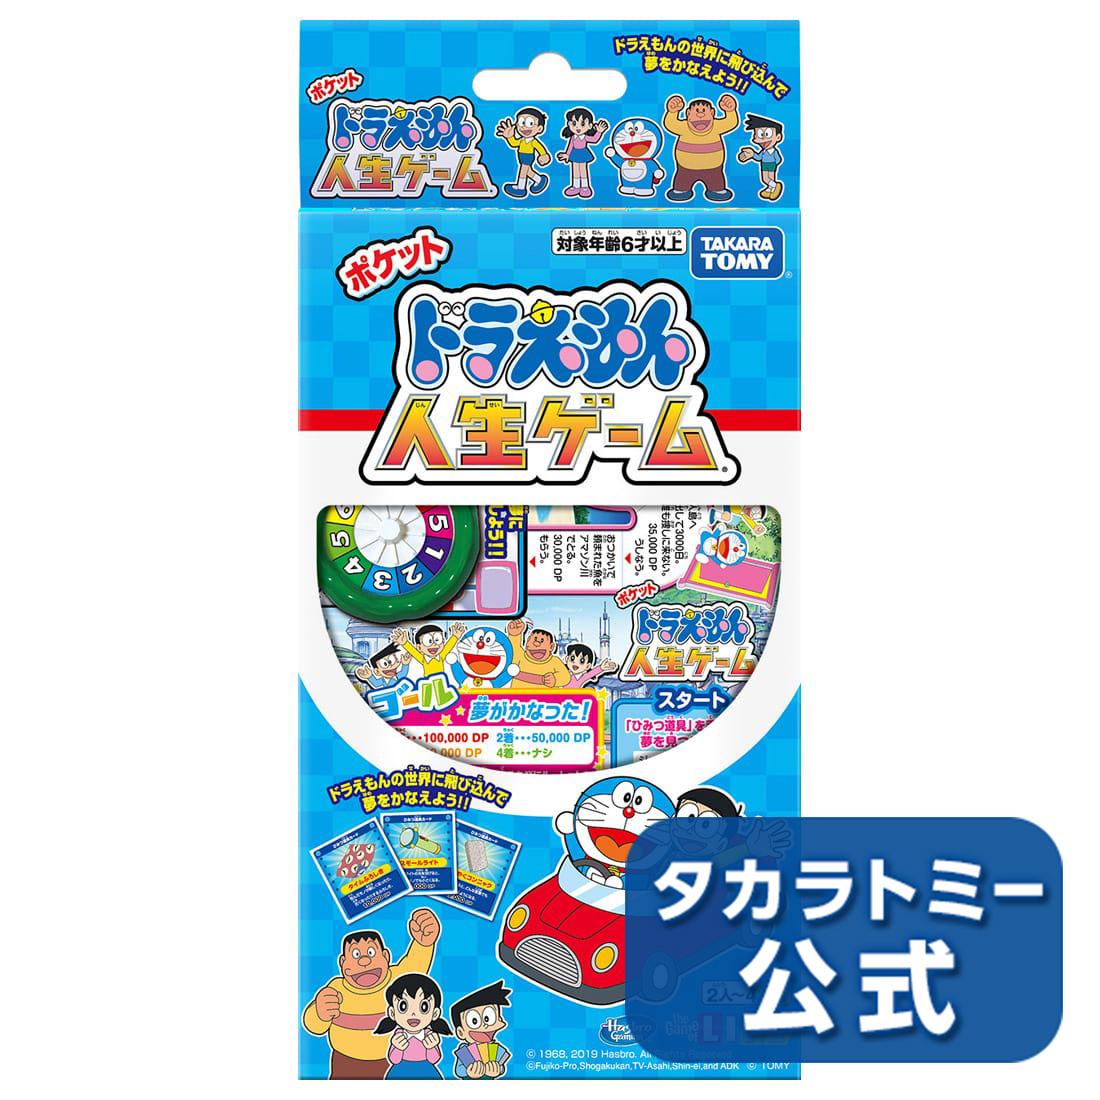 業界No.1 2019年08月29日発売タカラトミー公式店5 ついに再販開始 500円以上購入で送料無料 ポケット人生ゲーム ドラえもん